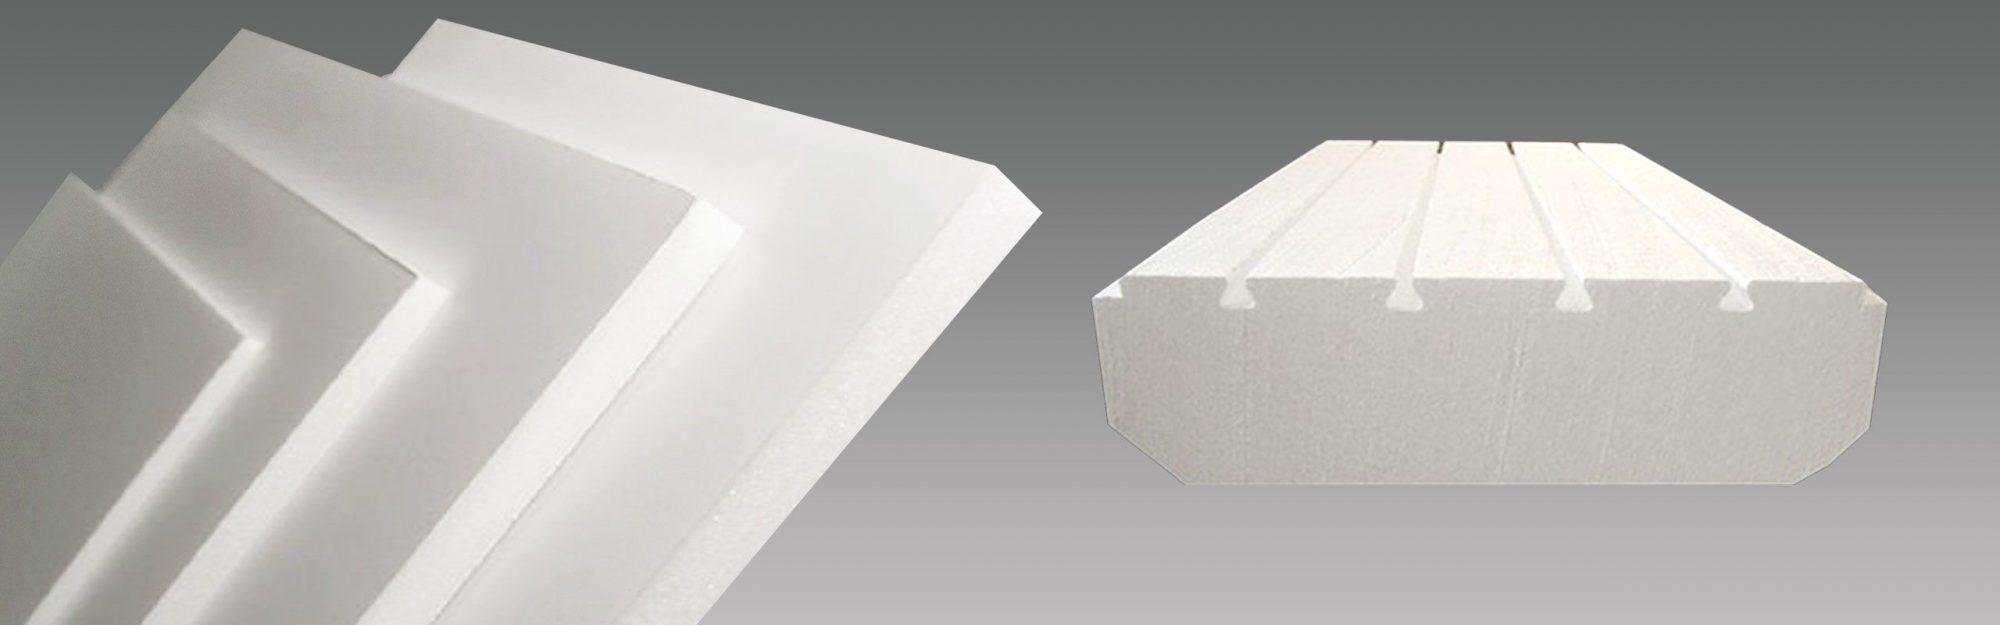 کاربرد یونولیت یا پلاستوفوم در صنایع ساختمان